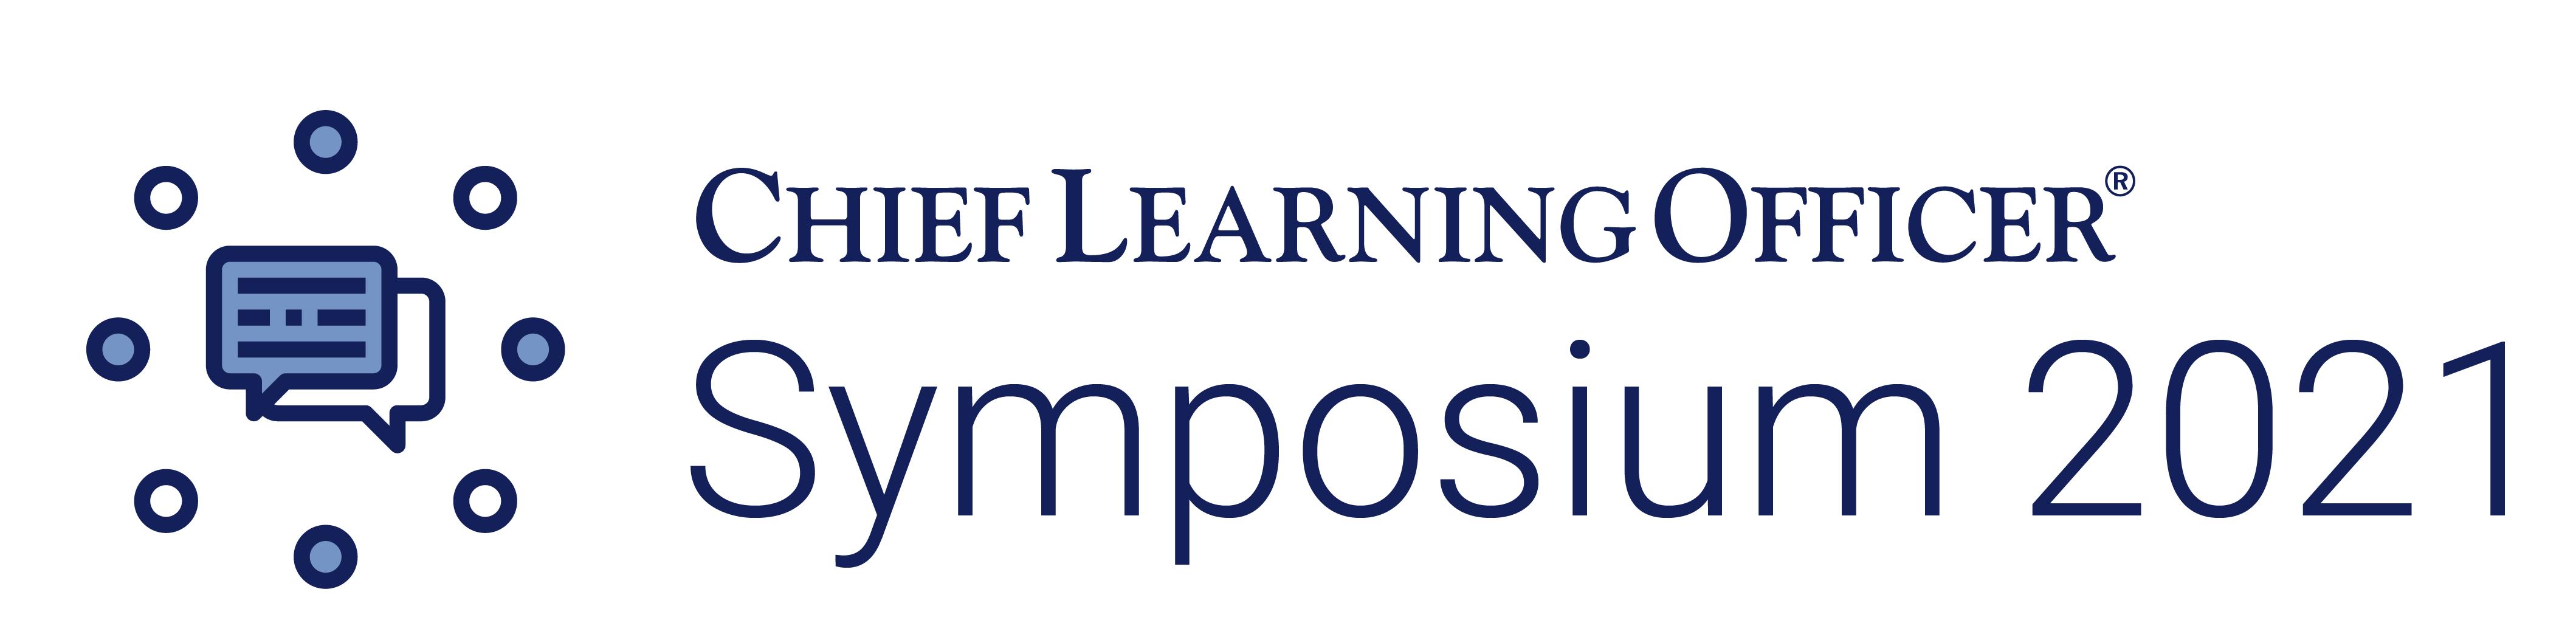 CLO Symposium 2021 Logo